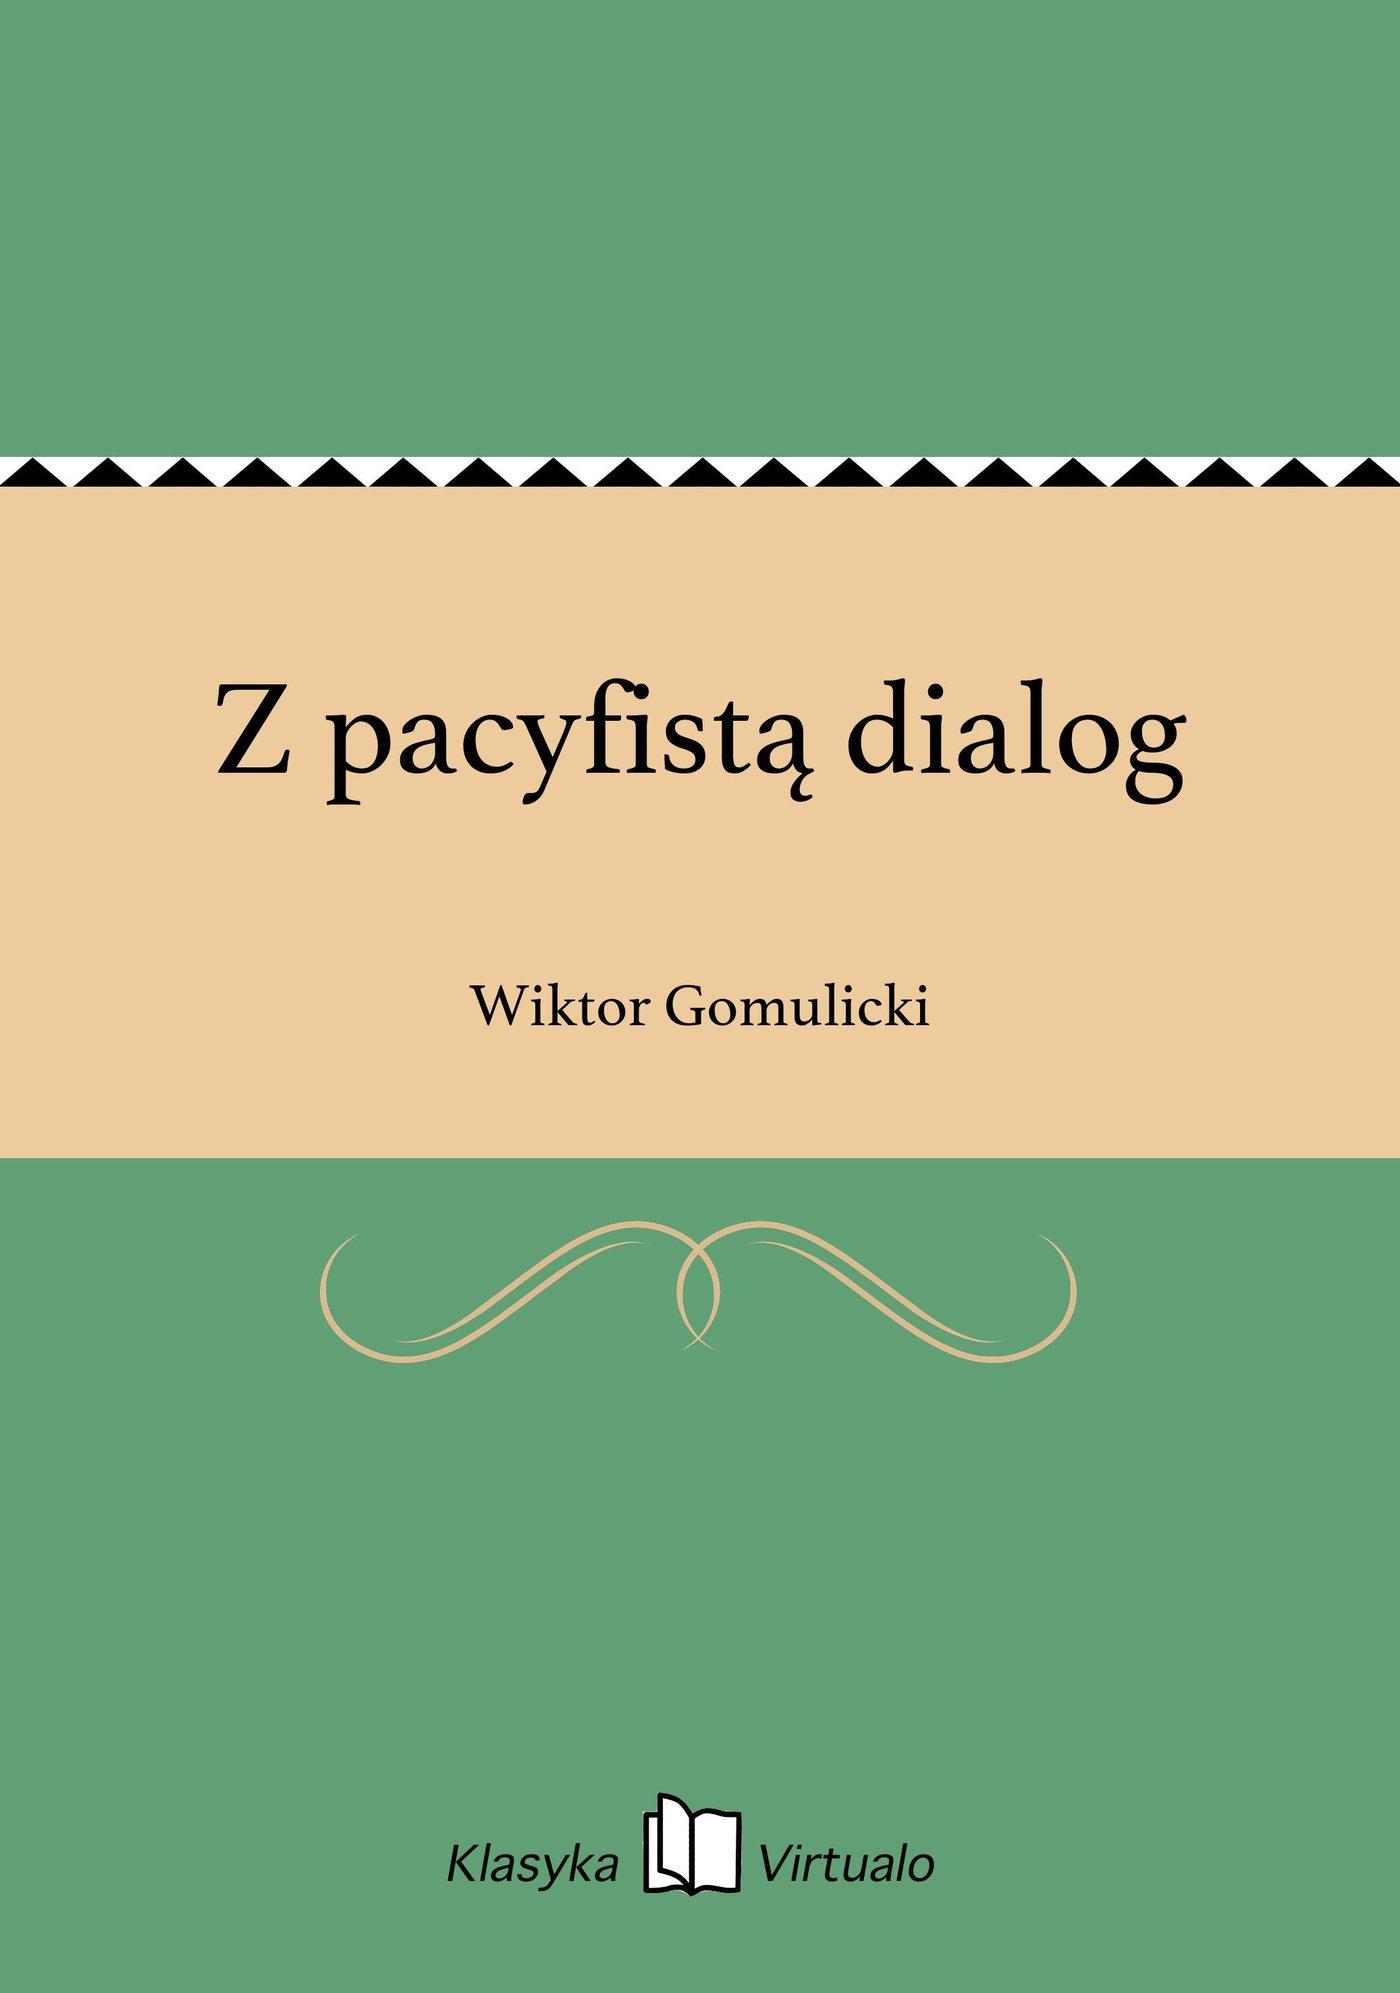 Z pacyfistą dialog - Ebook (Książka EPUB) do pobrania w formacie EPUB